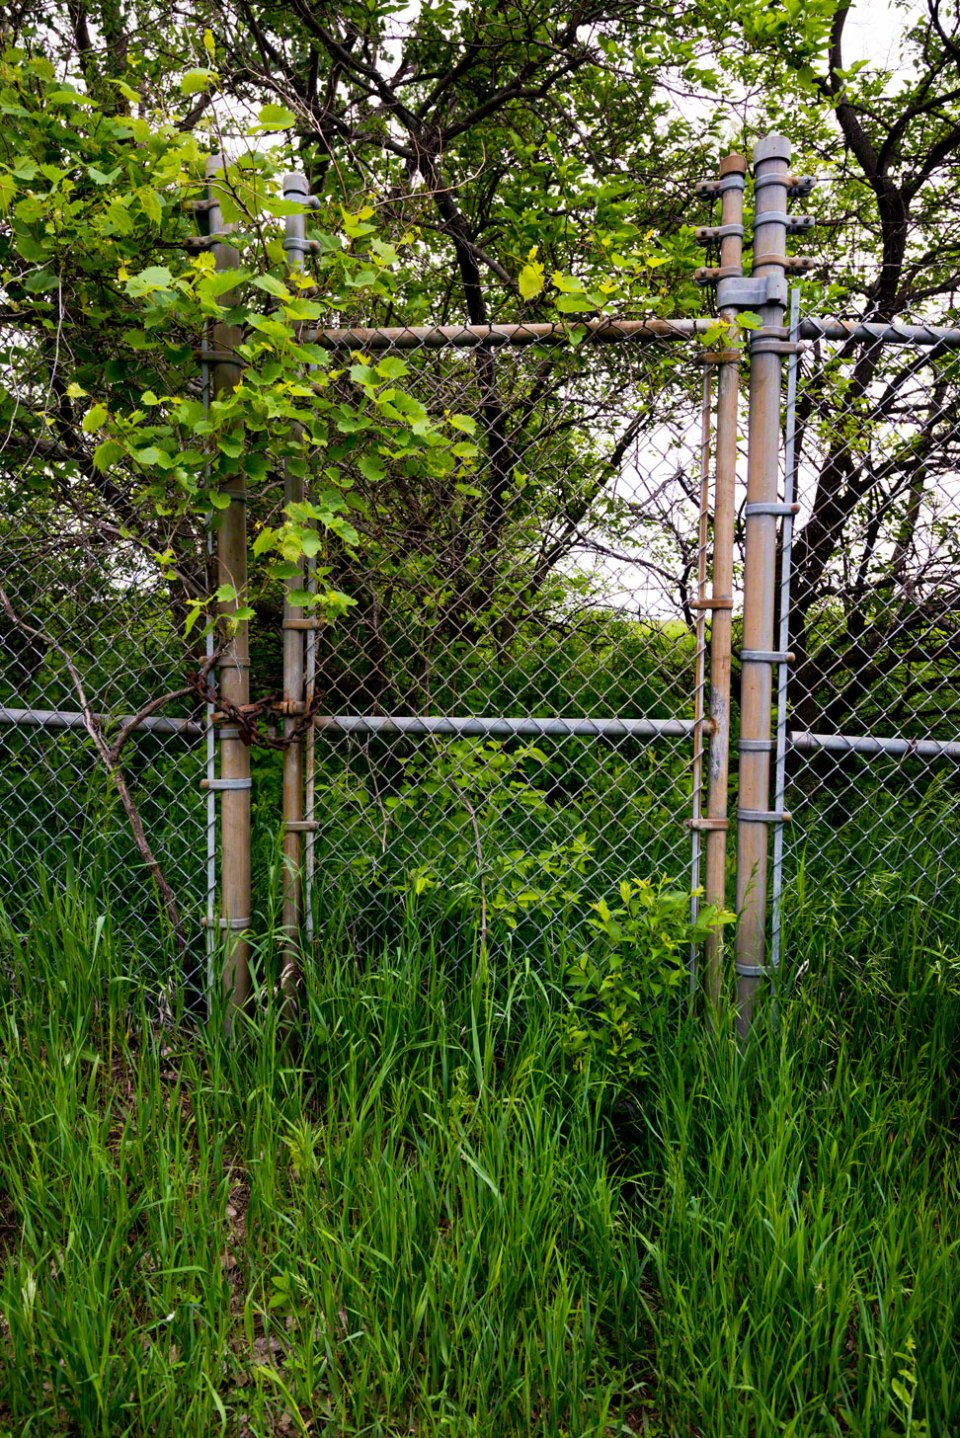 Little-Game-Trail-through-an-Unused-Gate